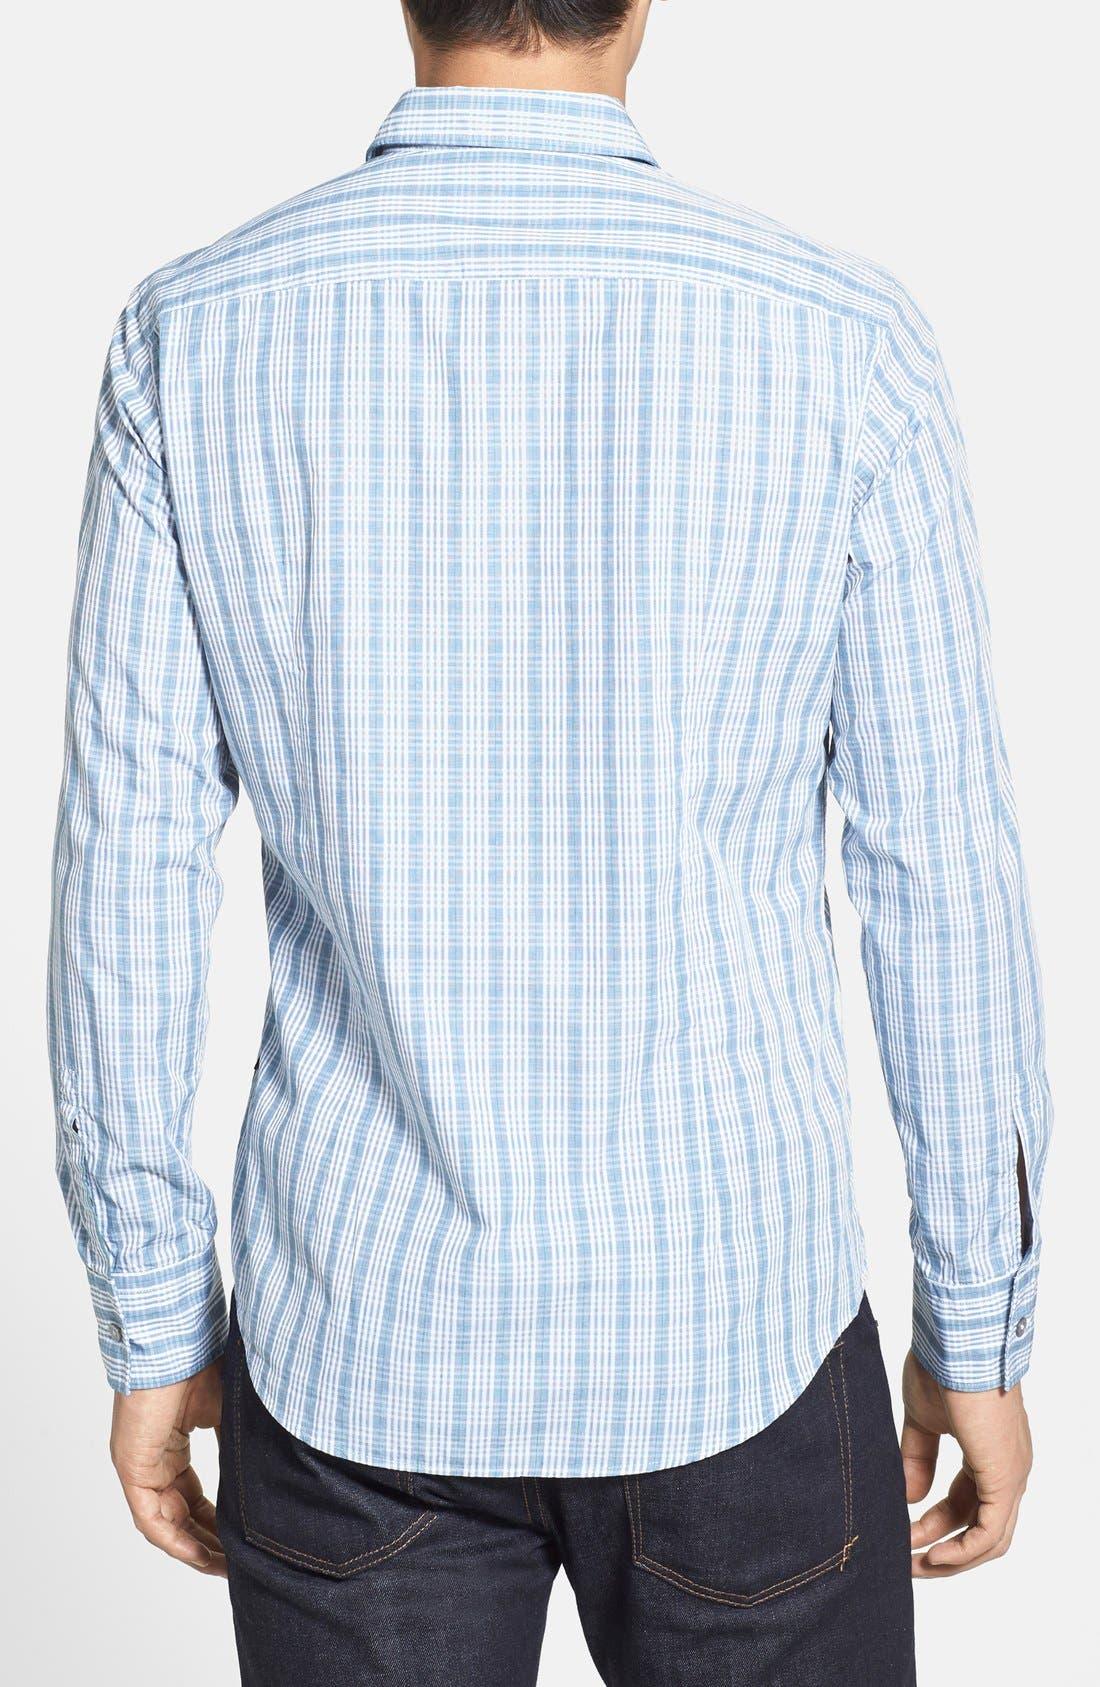 Alternate Image 3  - BOSS HUGO BOSS 'Ronny' Slim Fit Plaid Sport Shirt